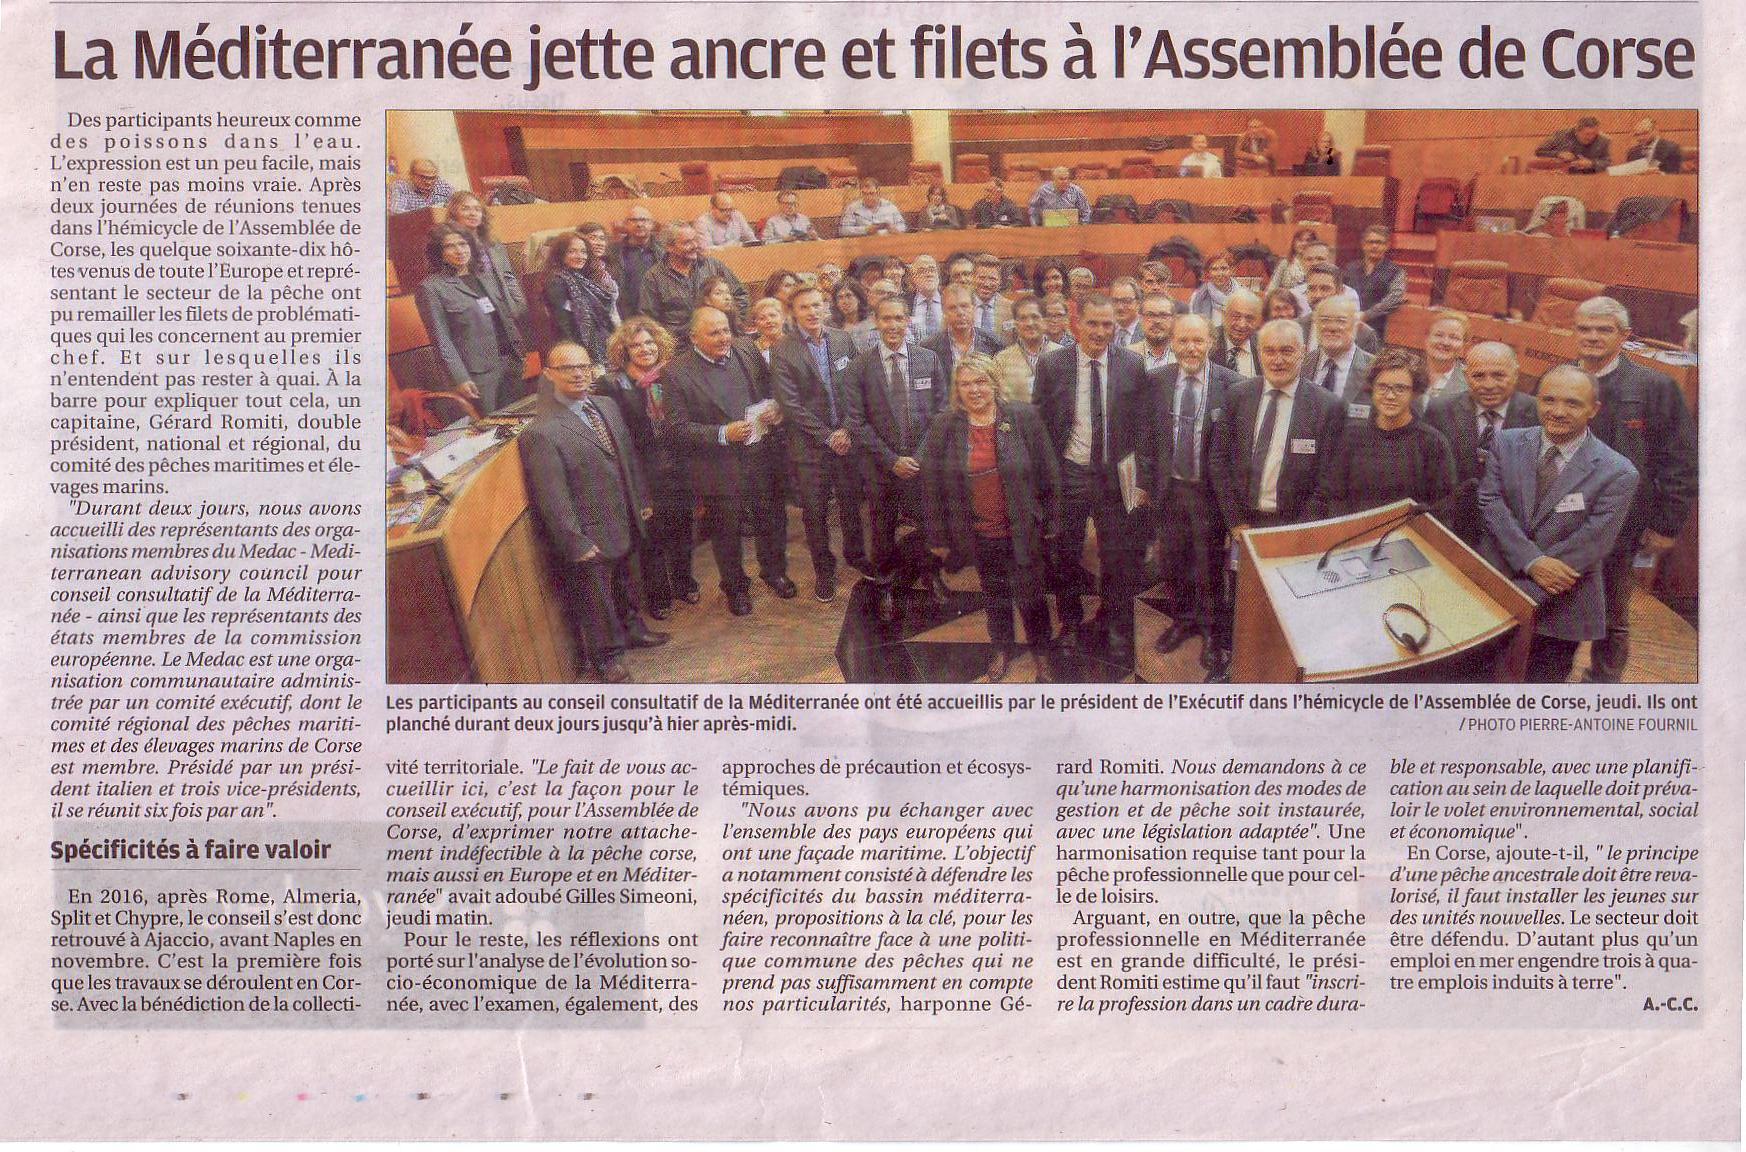 L'ensemble des pays membres du MEDAC avaient répondu présent à l'Invitation de Gérard ROMITI et de la Corse.DC